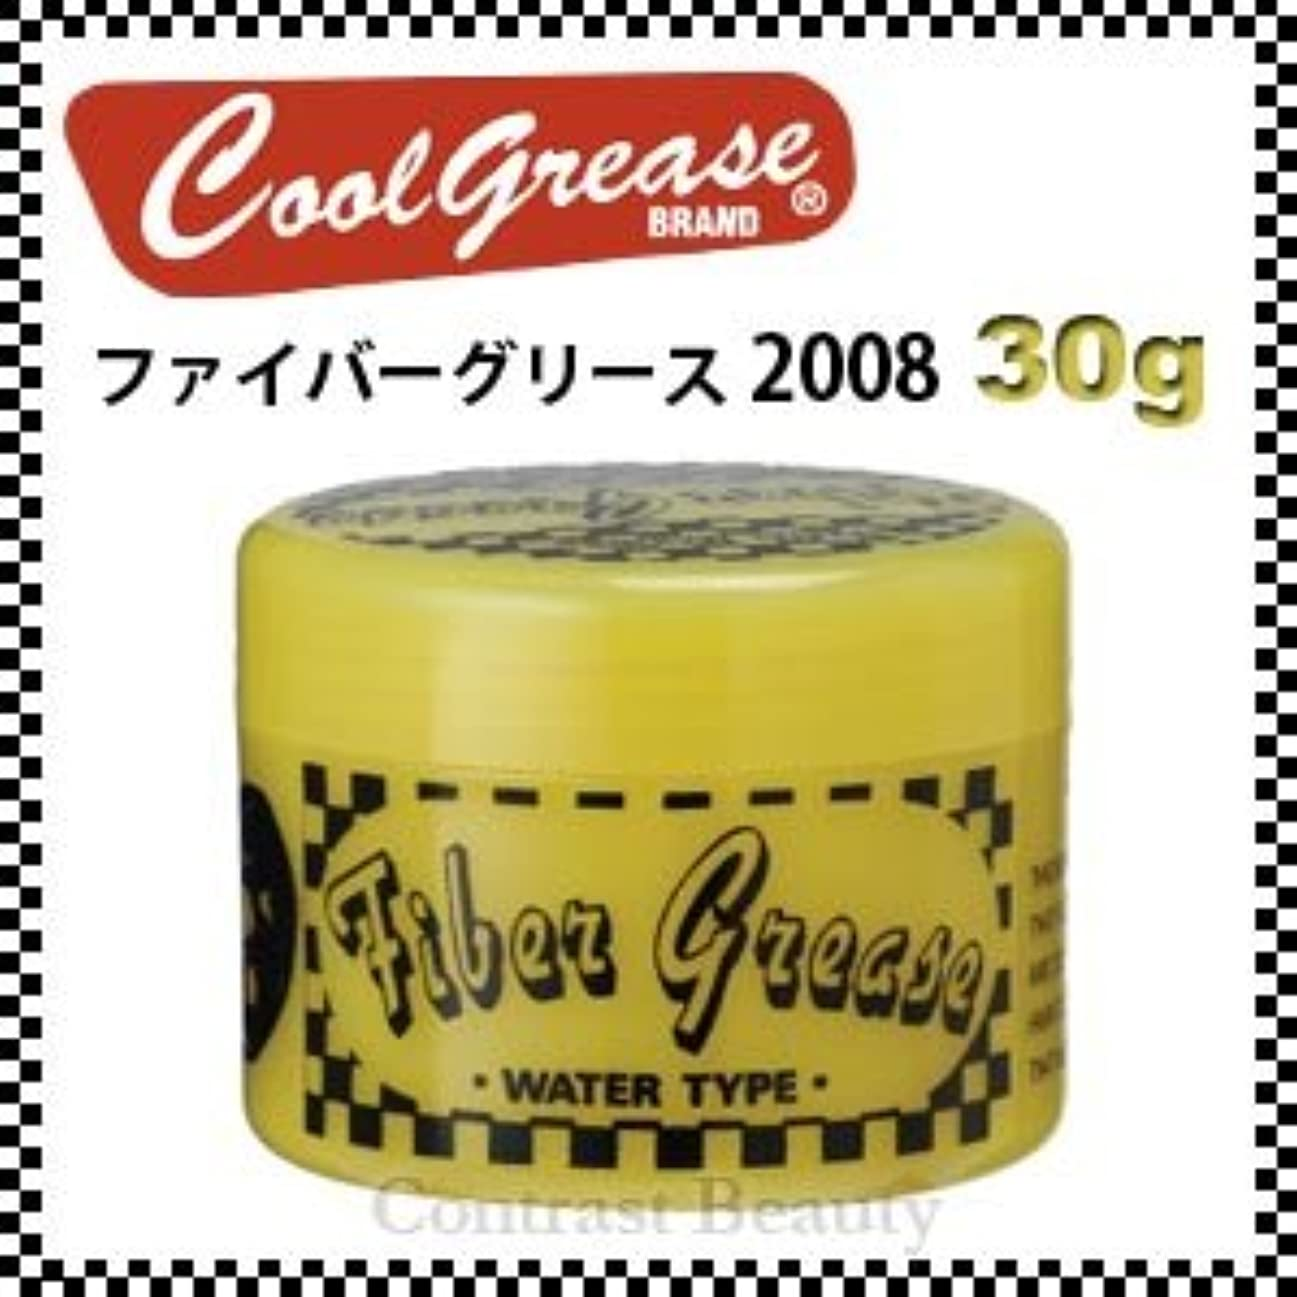 ファセット素晴らしきエゴイズム【X3個セット】 阪本高生堂 ファイバーグリース 2008 30g